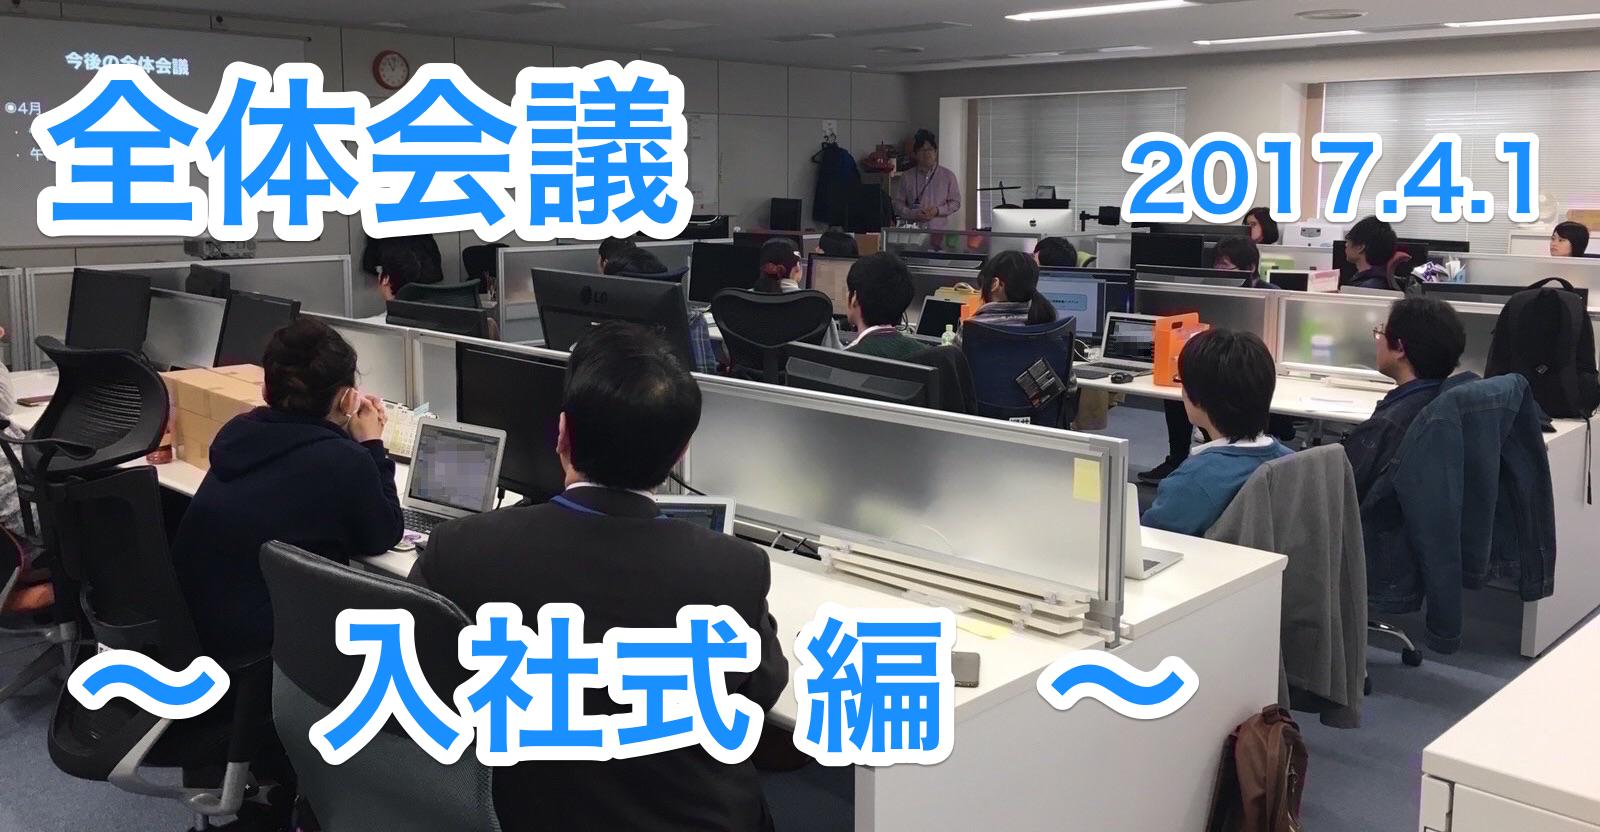 全体会議2017.4.1〜入社式編〜